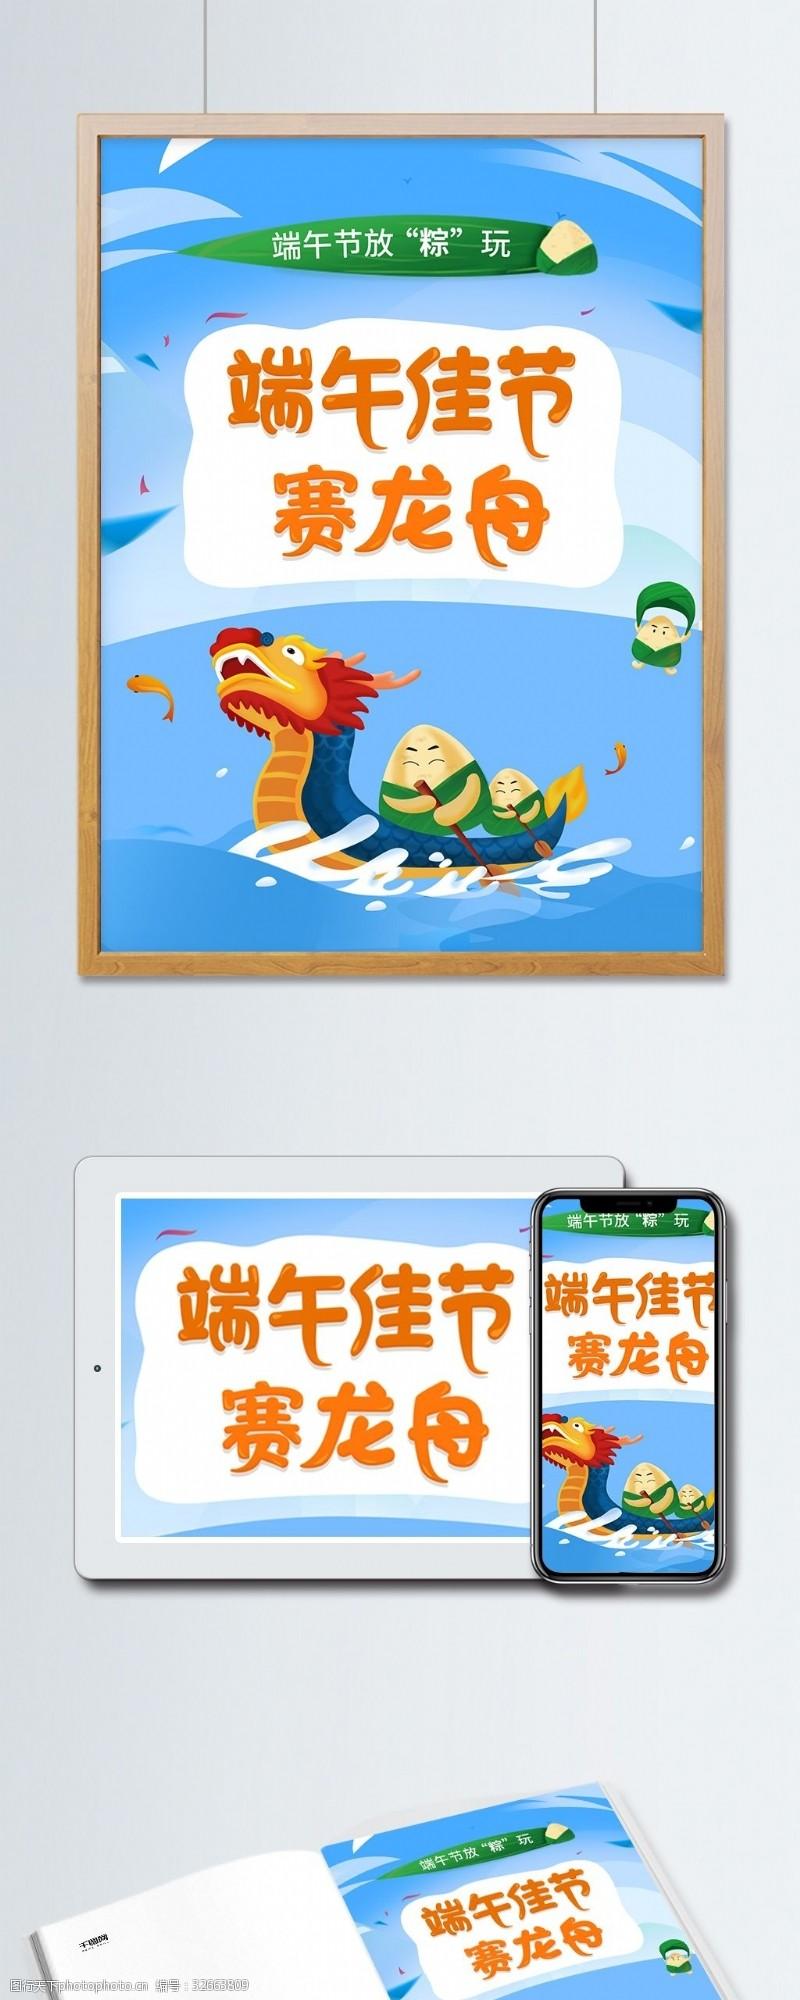 设计比赛原创端午节赛龙舟手机海报设计